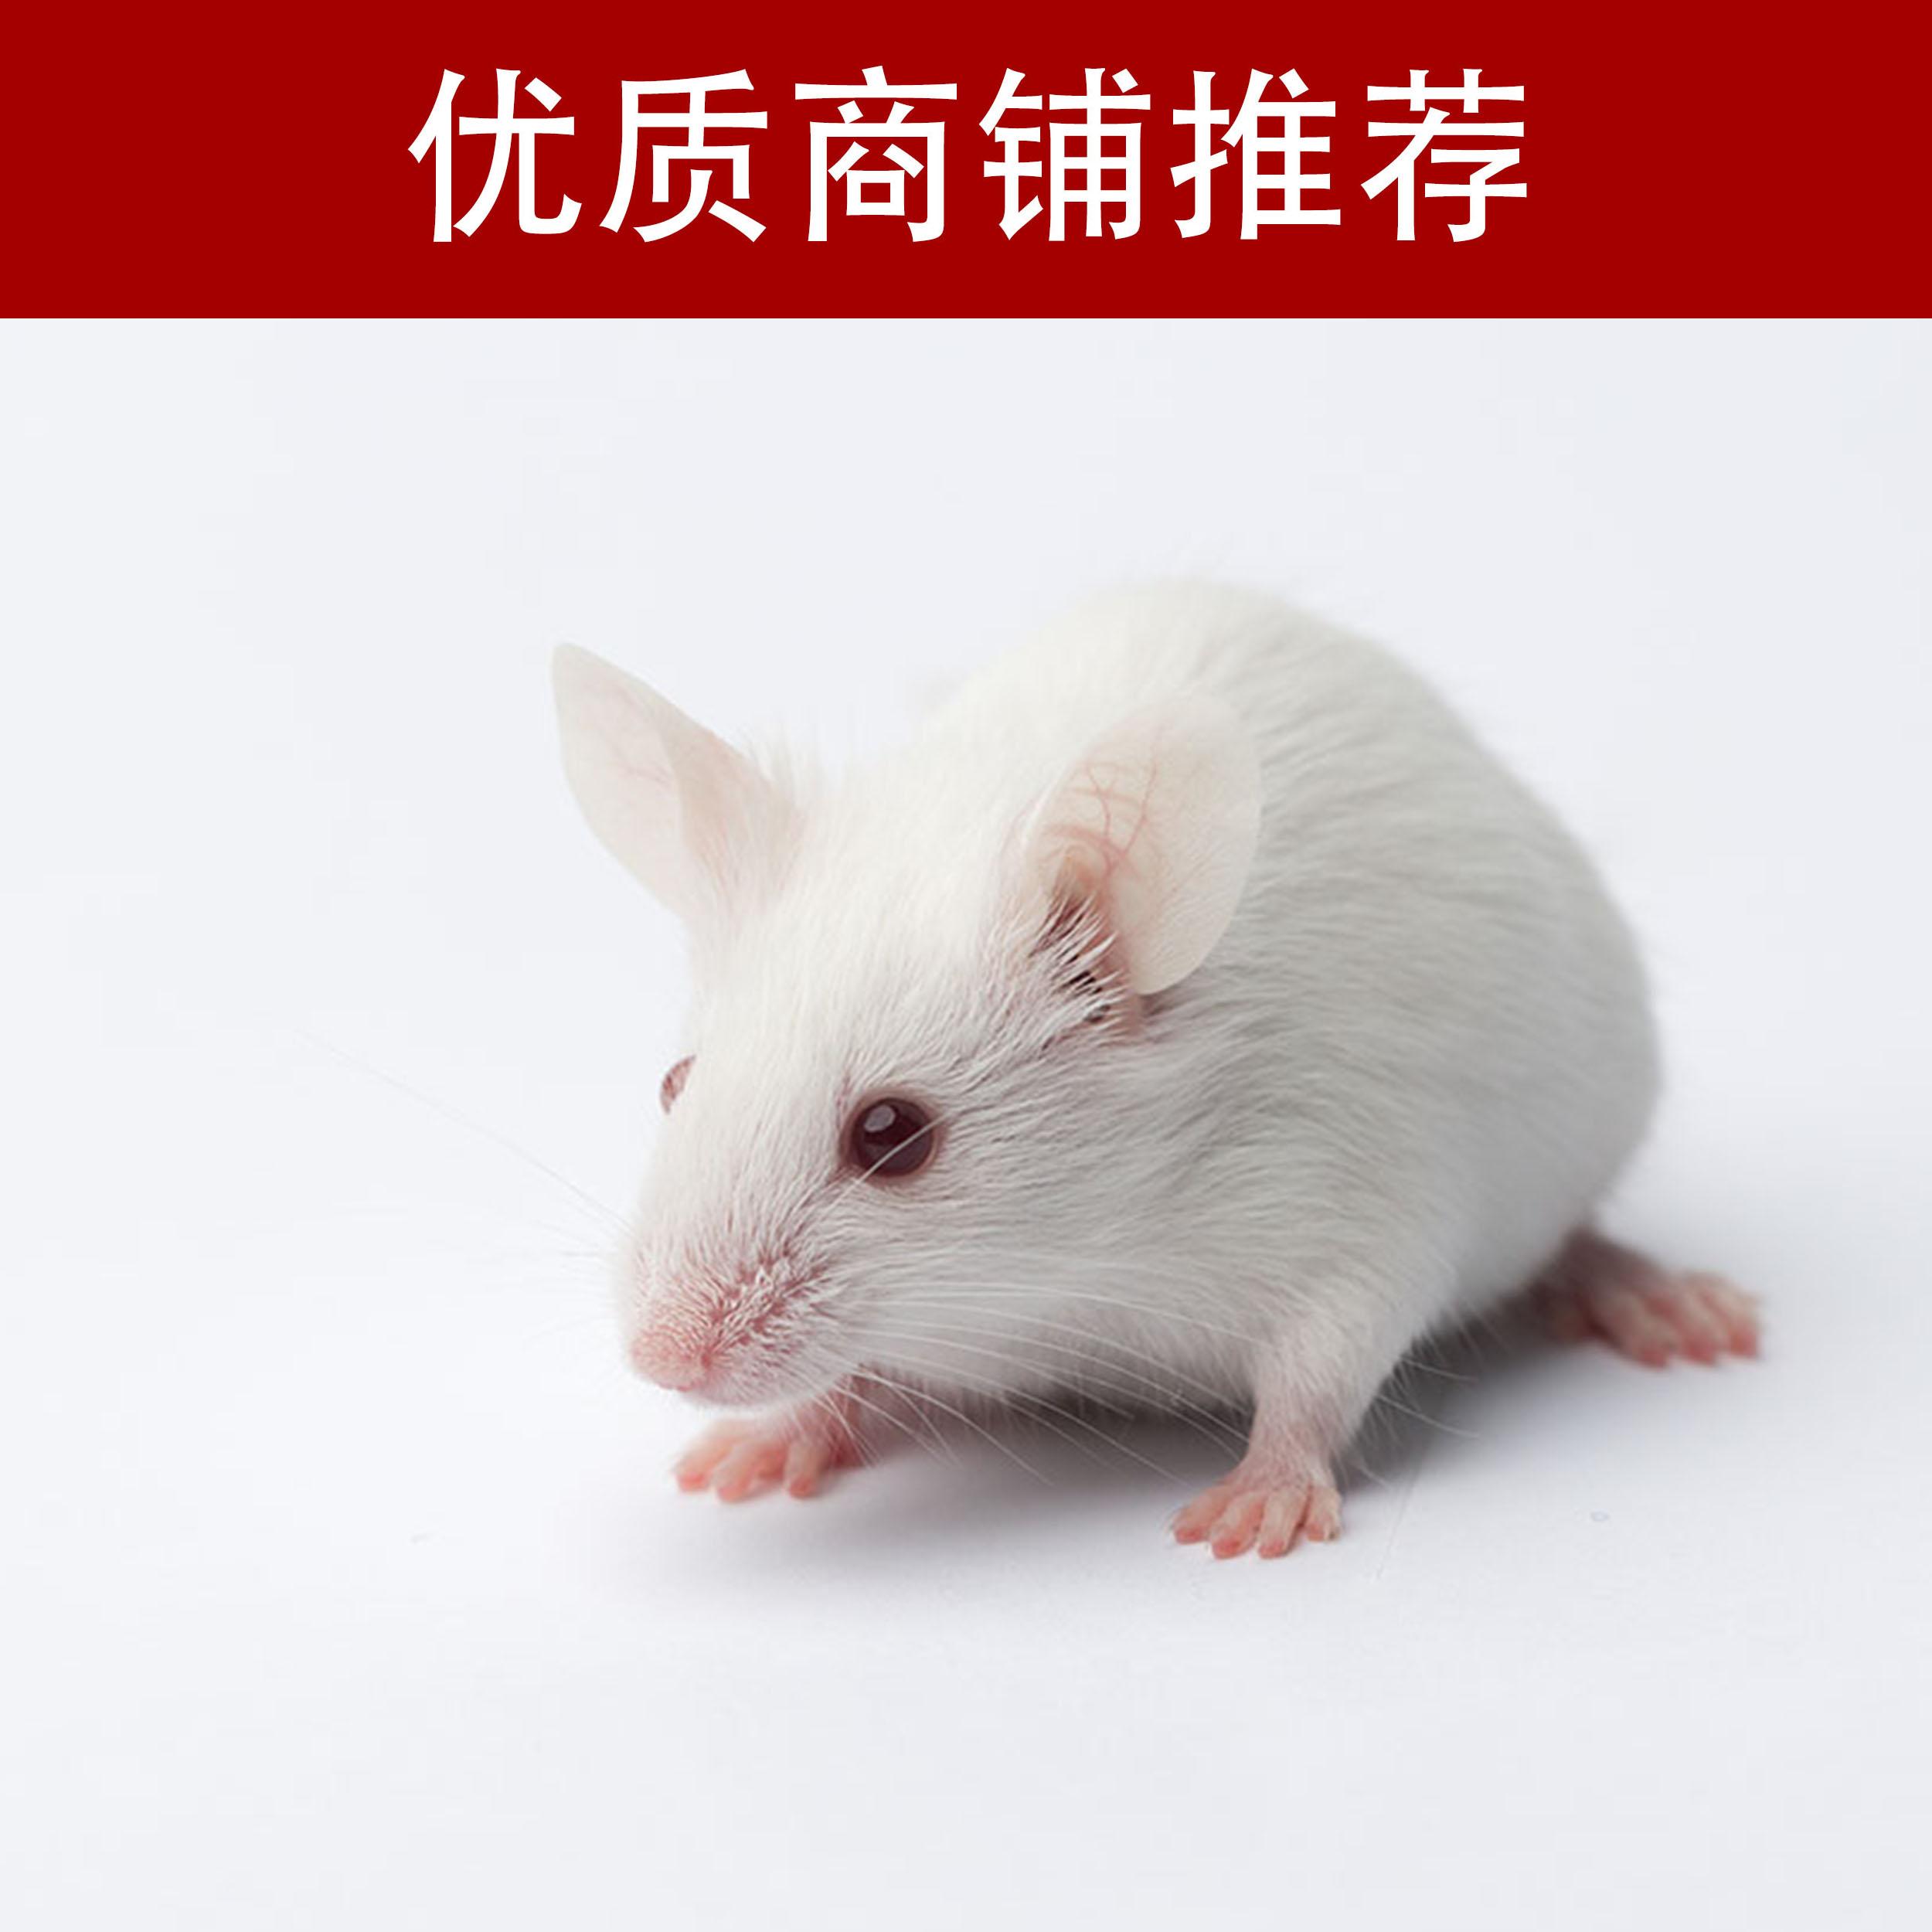 非酒精性脂肪肝(NAFLD)动物模型制备